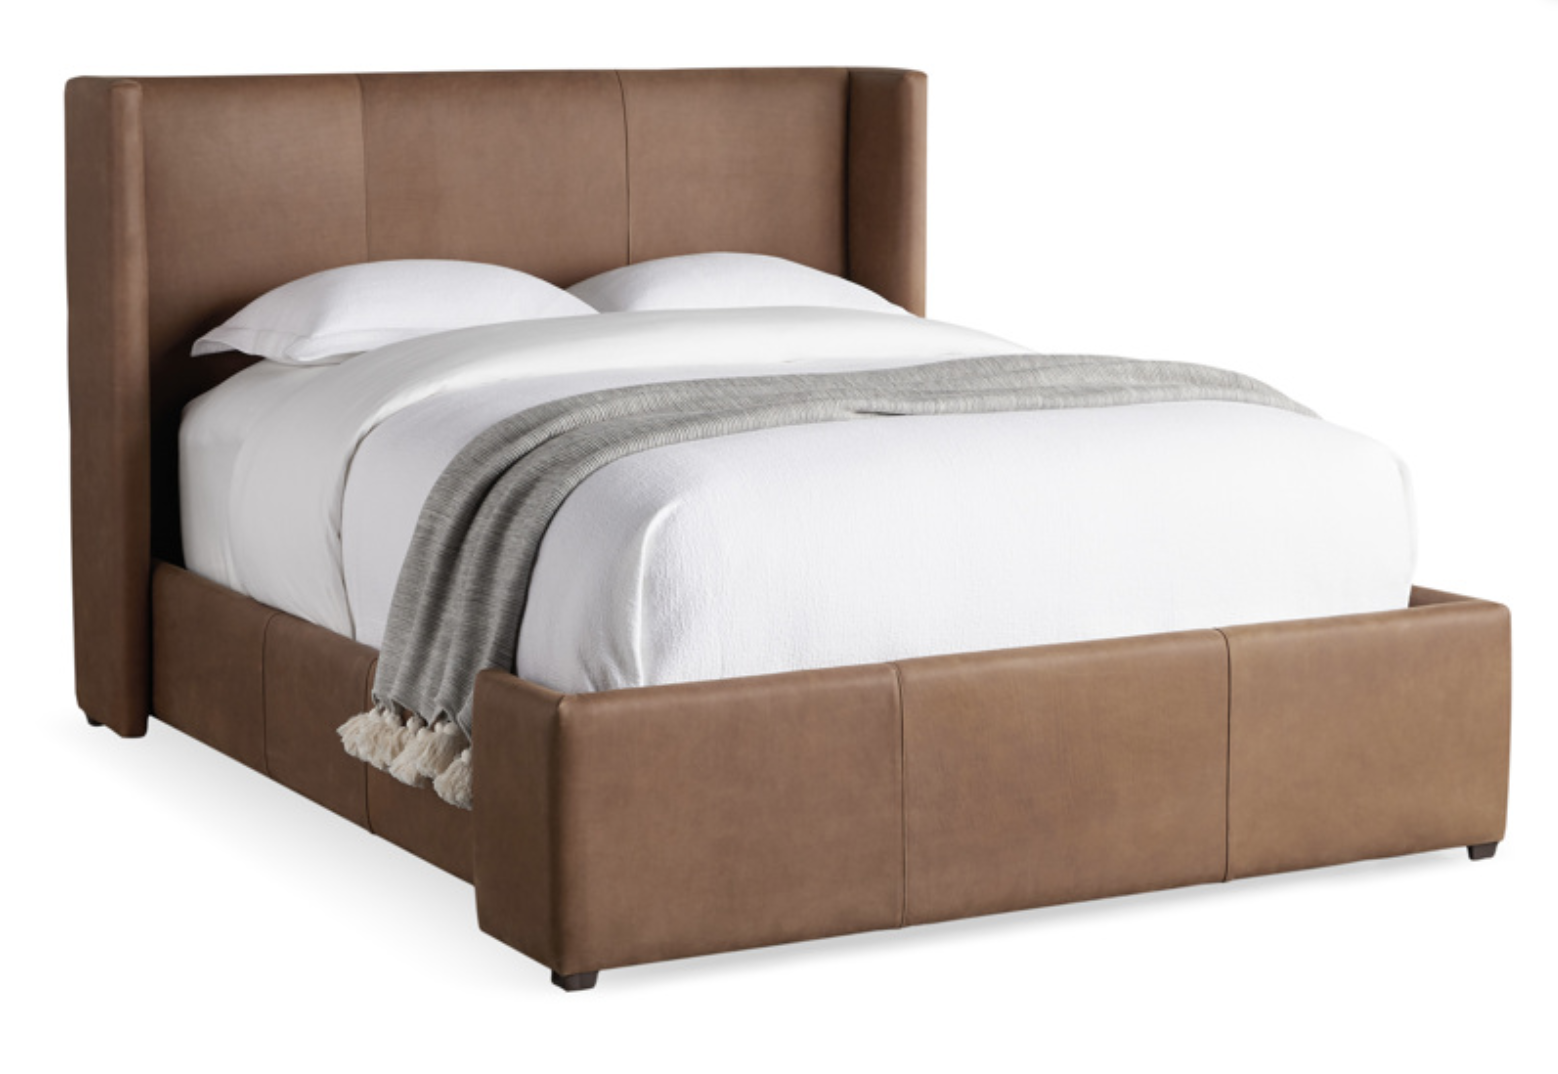 Impact Arhaus wyller leather bed